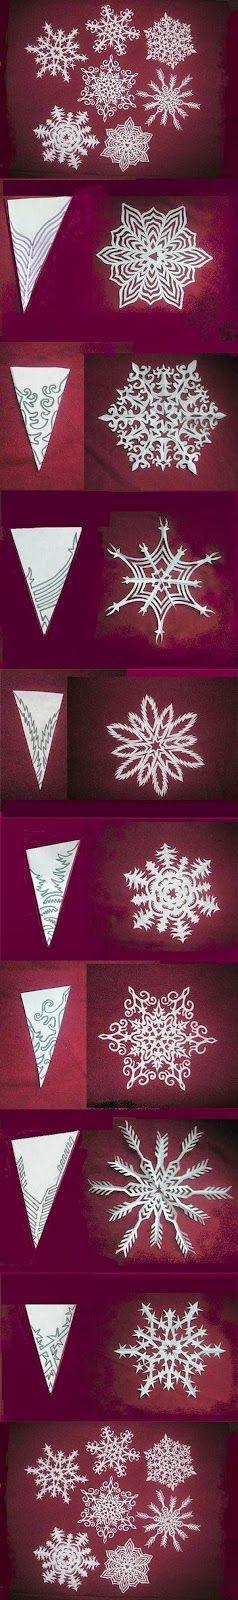 Vejam como é fácil!!! Primeiro deve-se dobrar o papel, depois desenhar o gráfico do floco de neve, recortar, abrir e então se surpree...